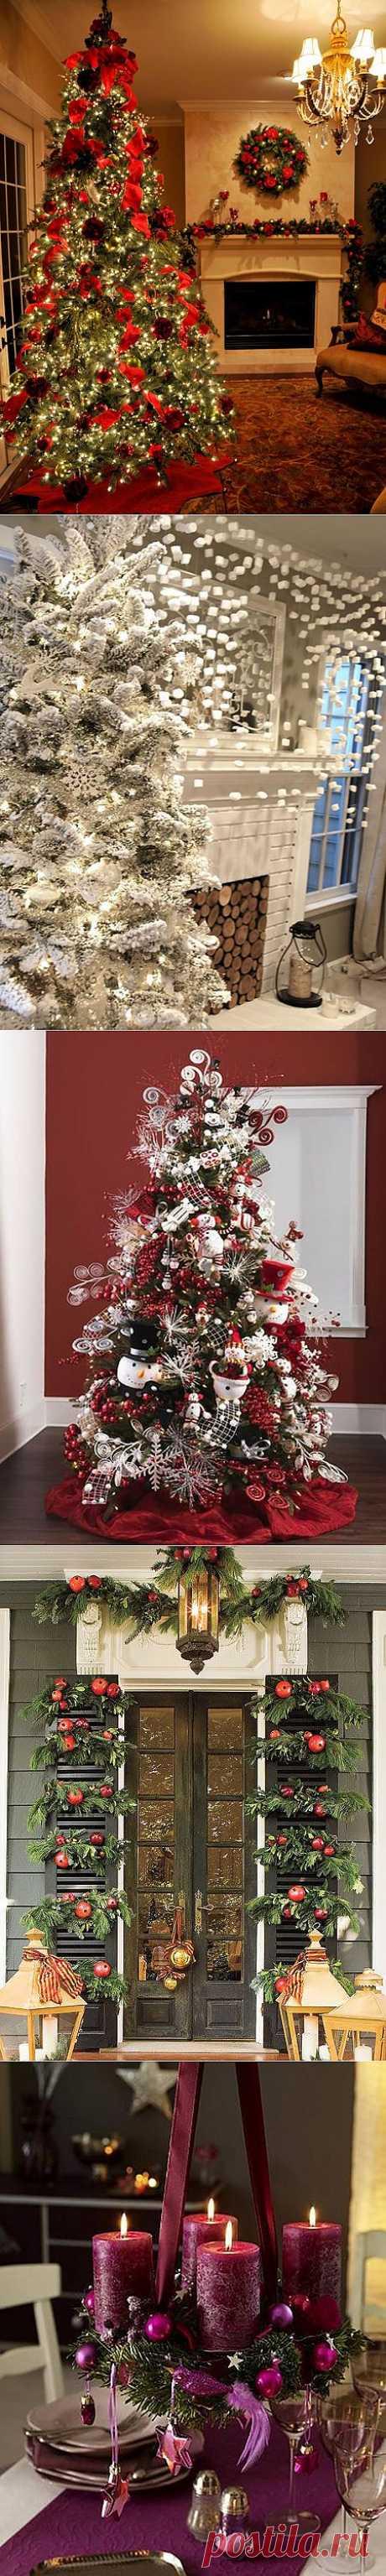 Интерьер дачи на Новый год и Рождество